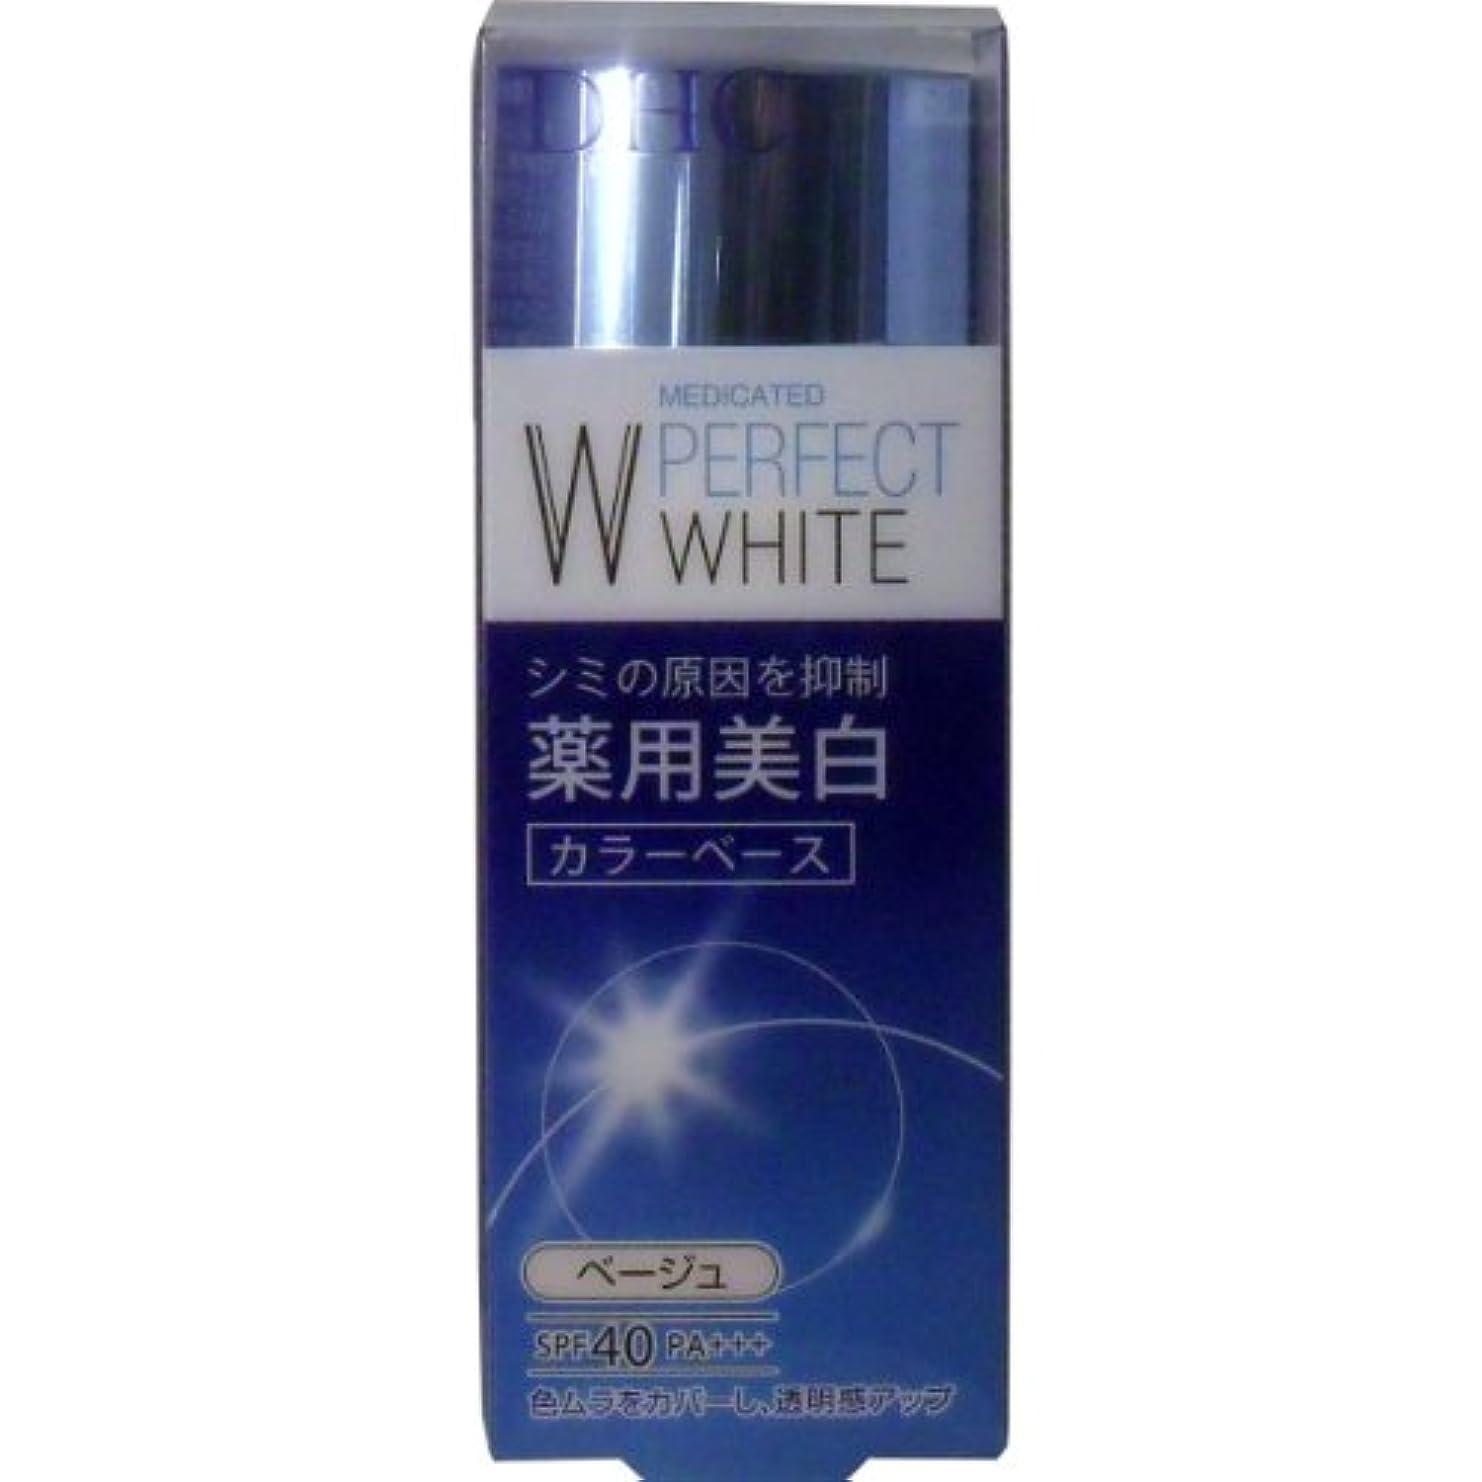 バタフライ雰囲気警戒DHC 薬用美白パーフェクトホワイト カラーベース ベージュ 30g (商品内訳:単品1個)